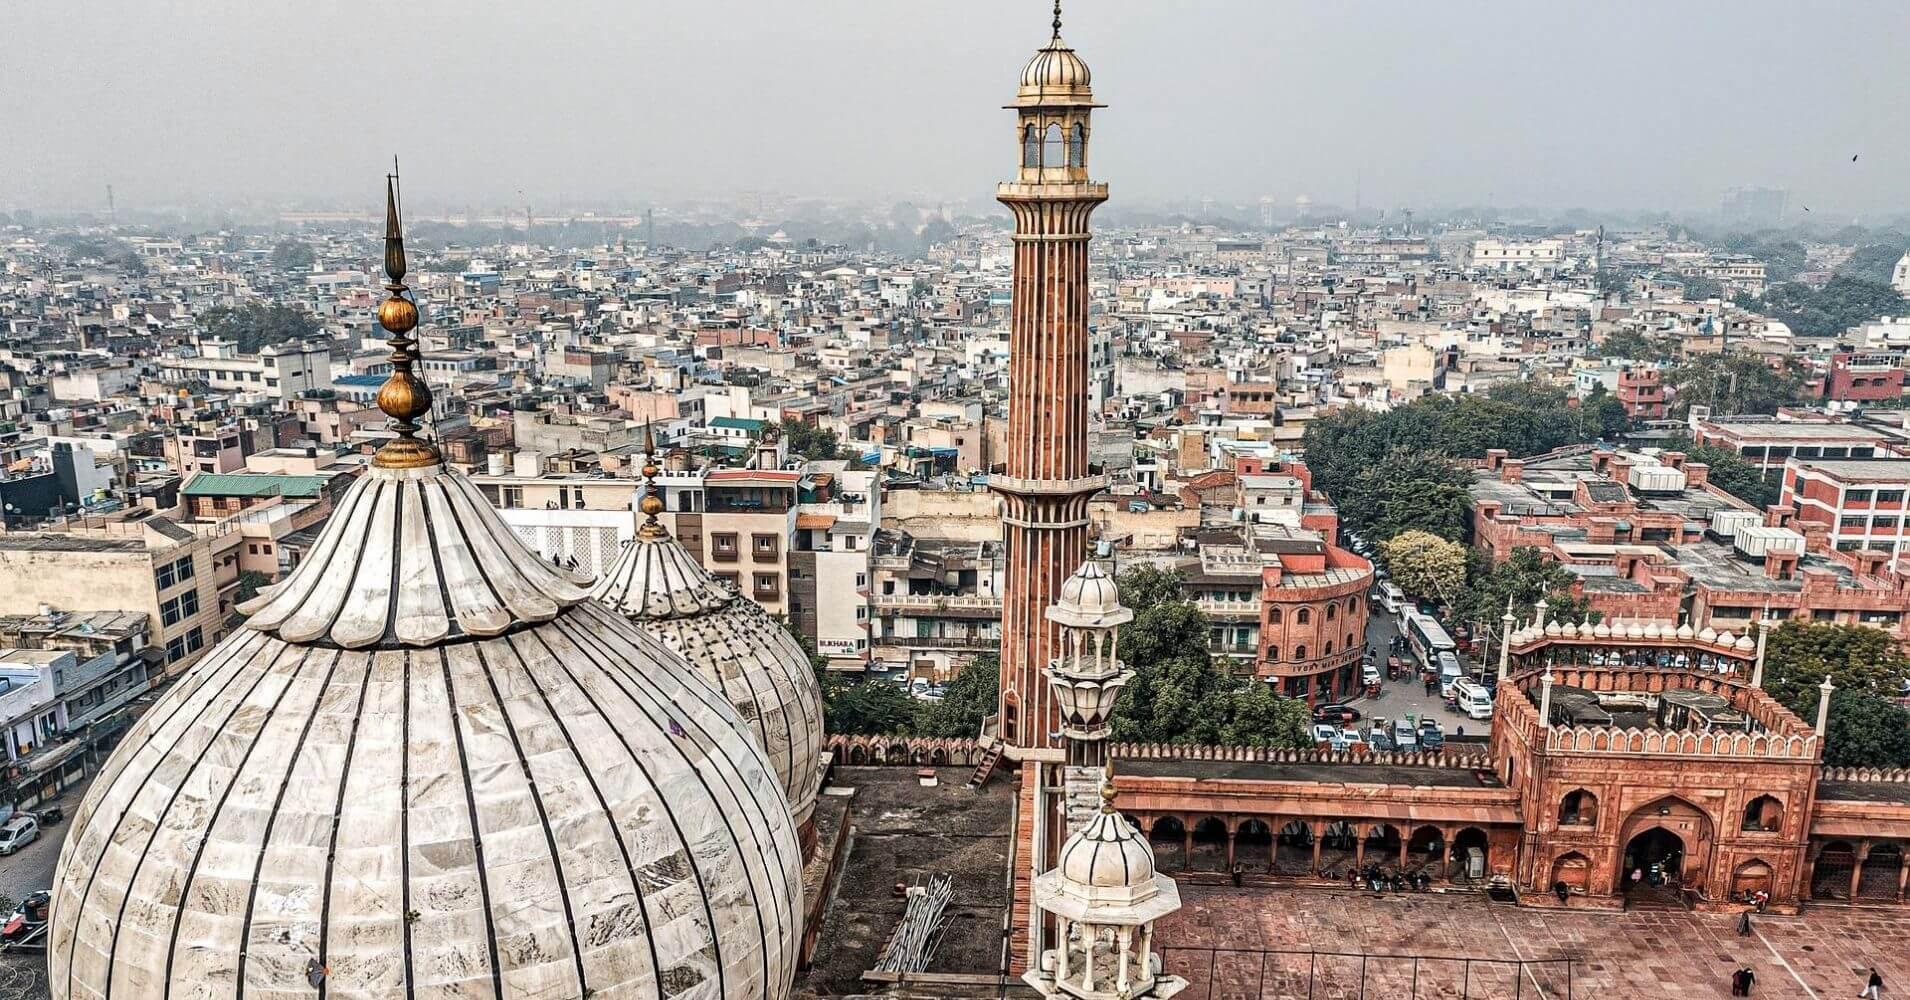 Nueva Delhi. India.